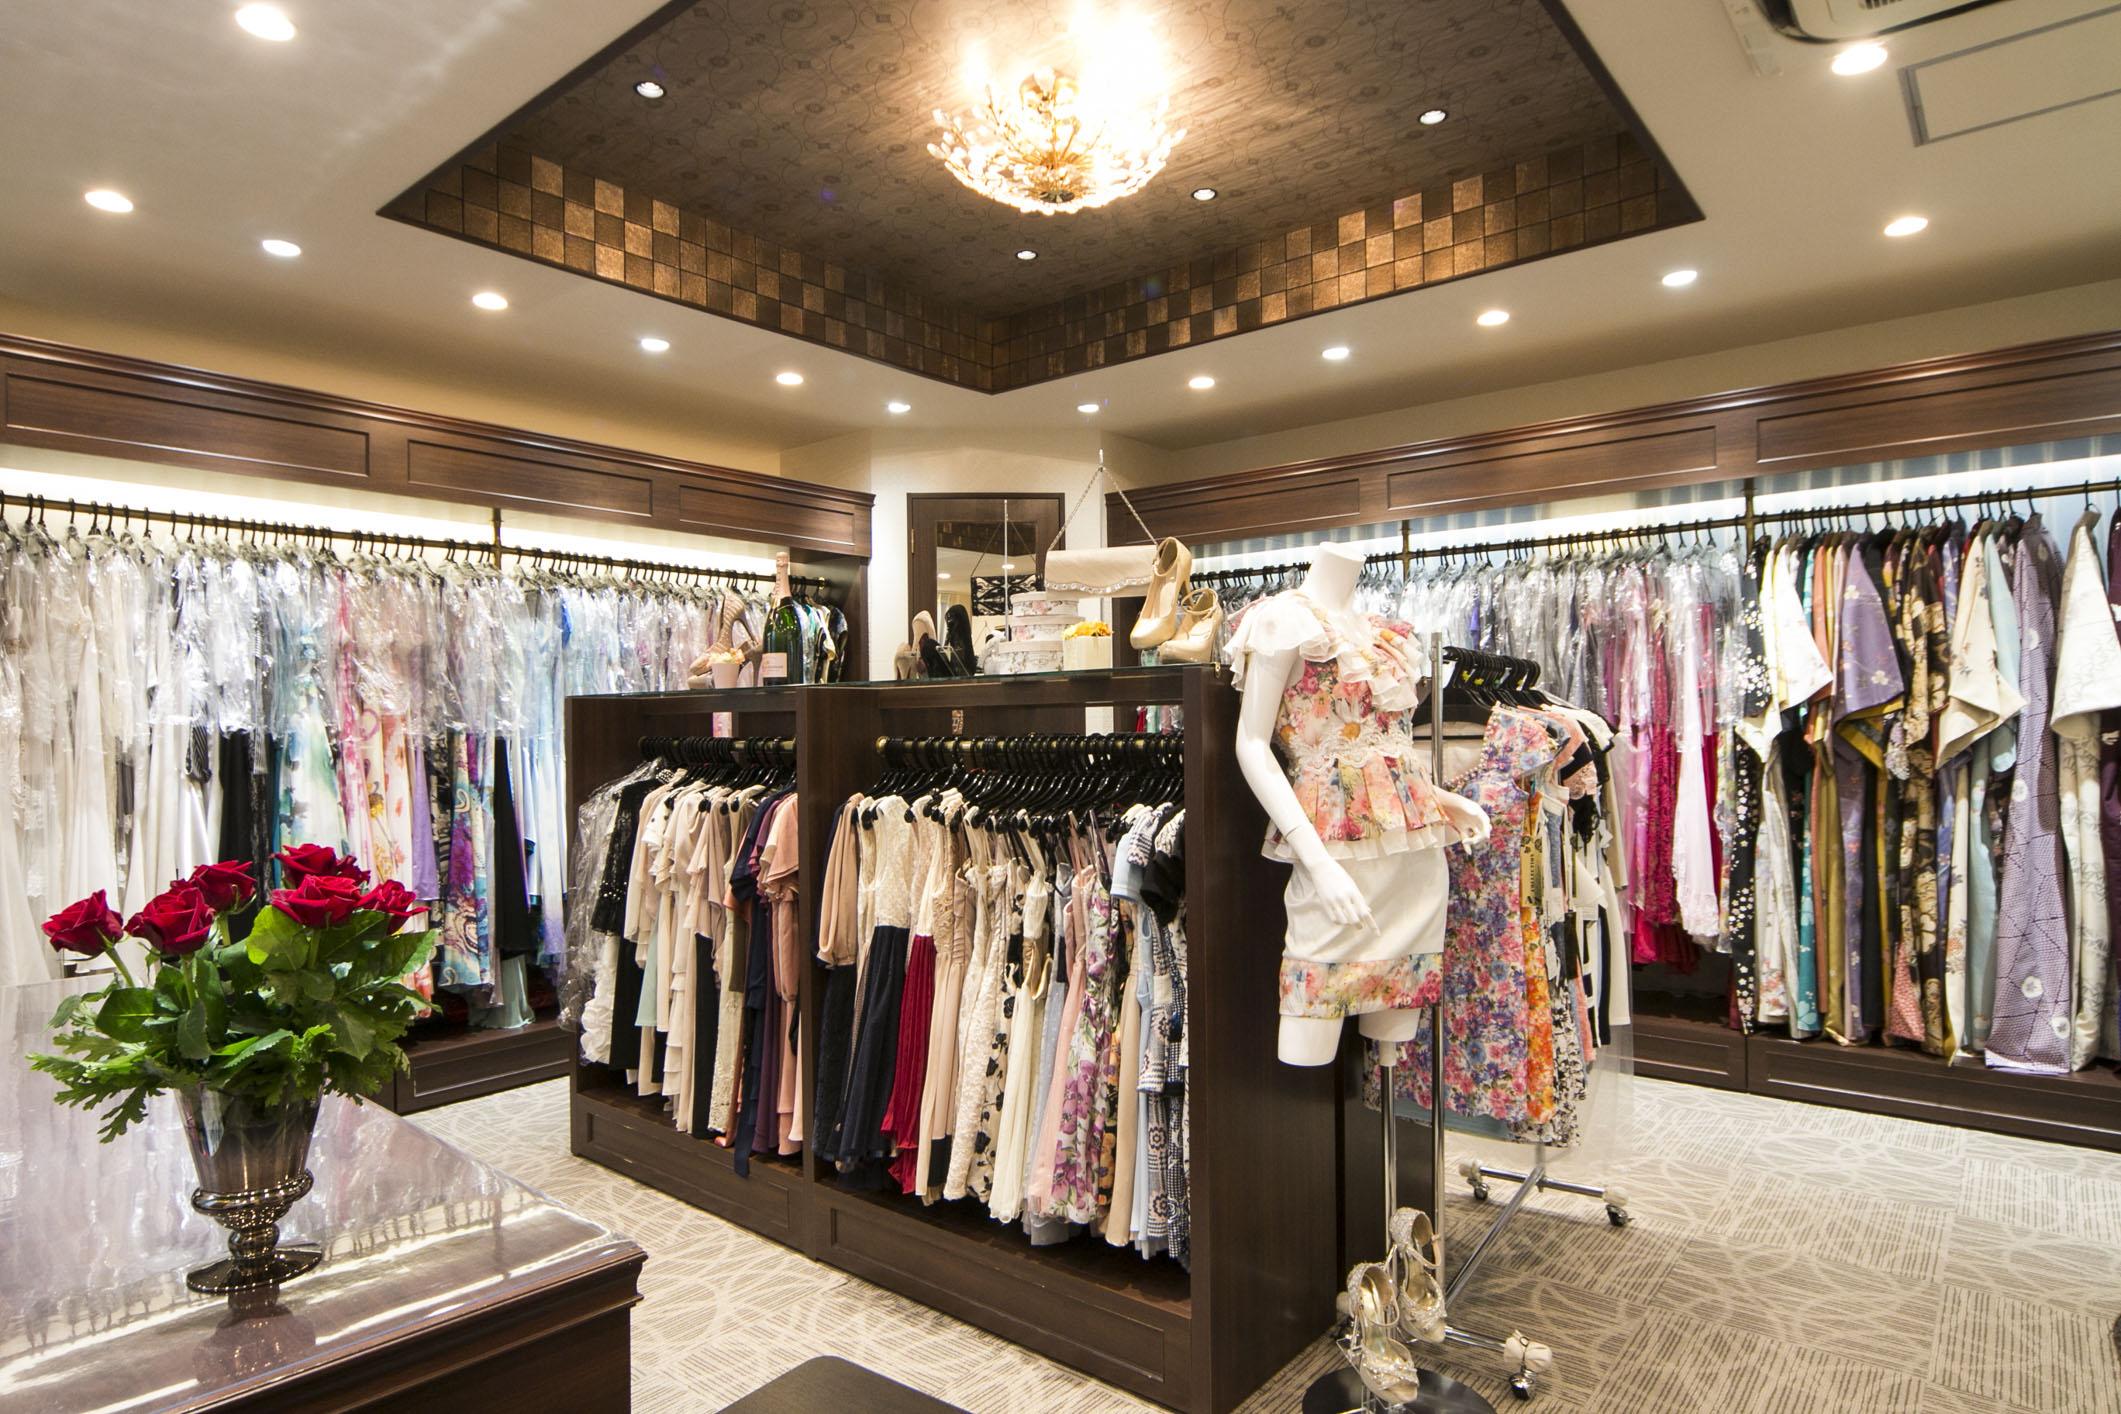 レンタル衣装1000着以上をご用意。ぴったりの衣装をお選び下さい。